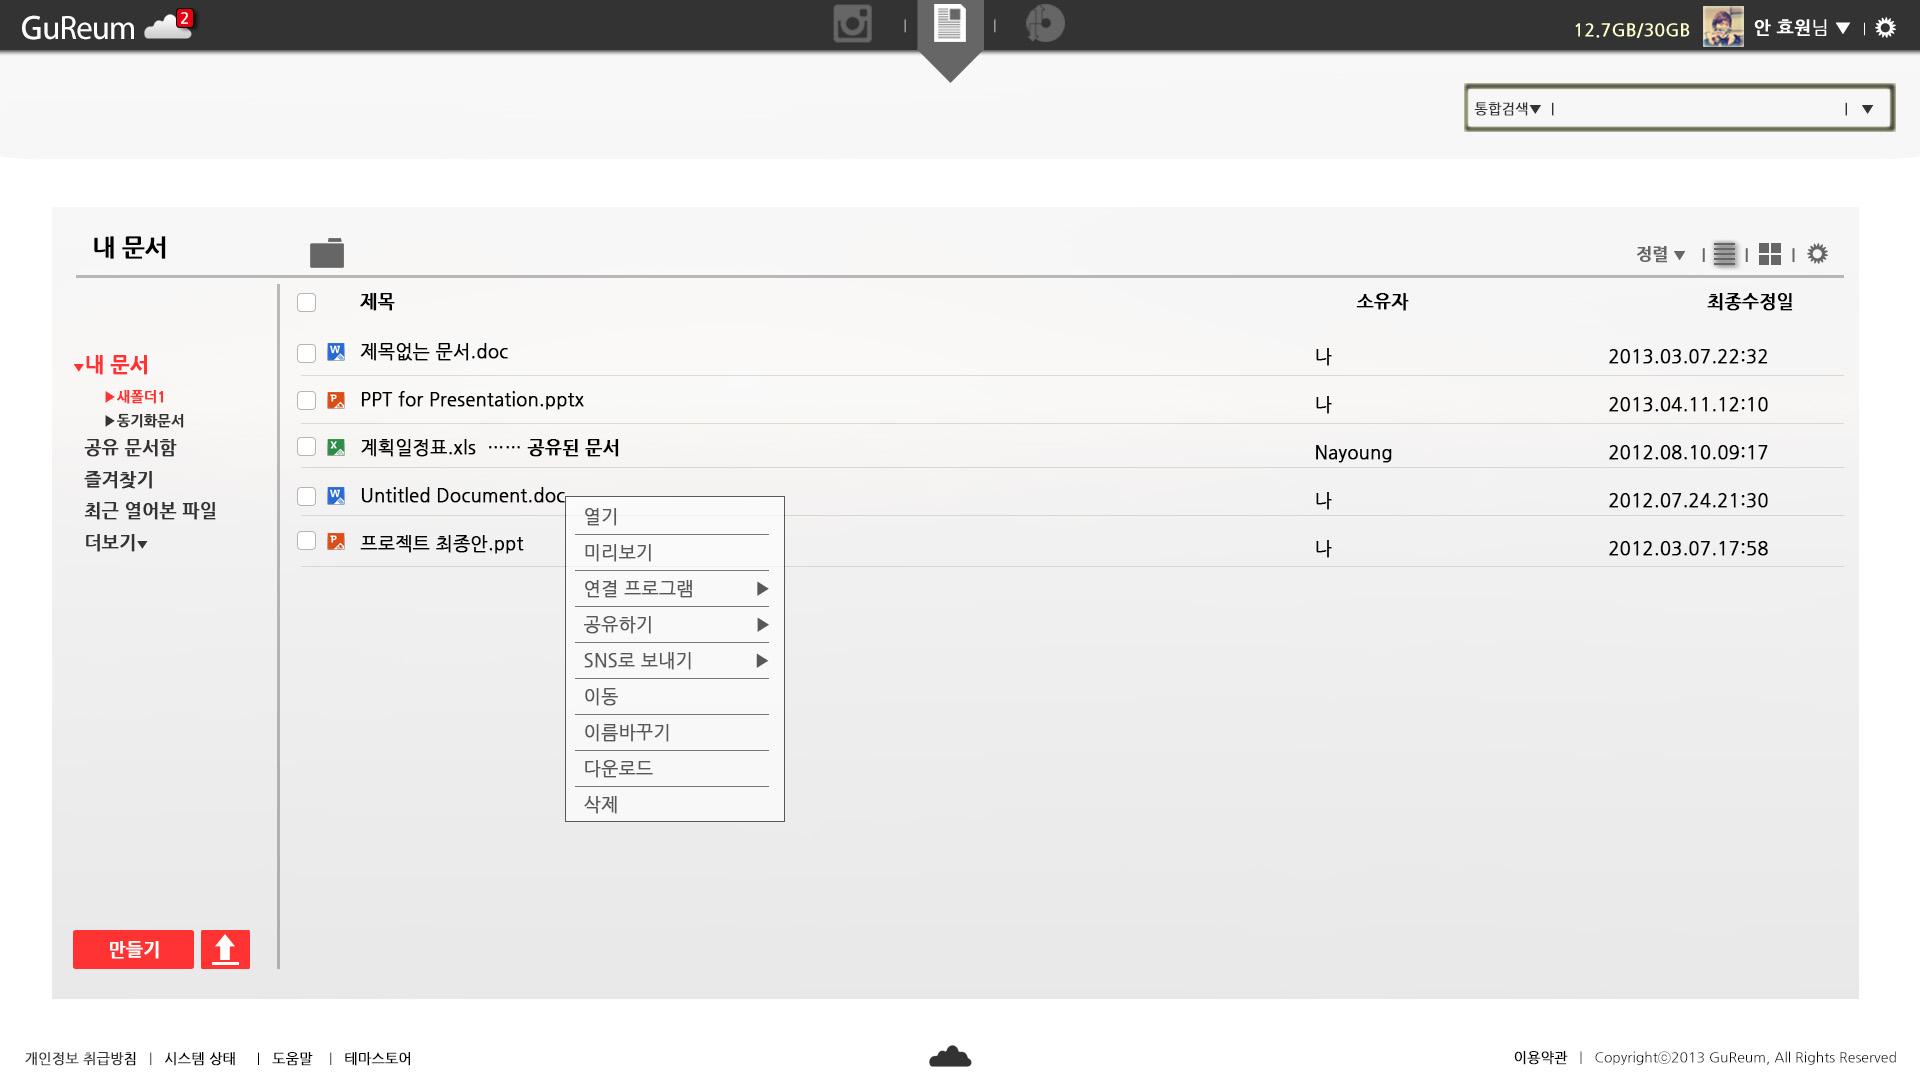 문서_white_열기메뉴 오픈.jpg